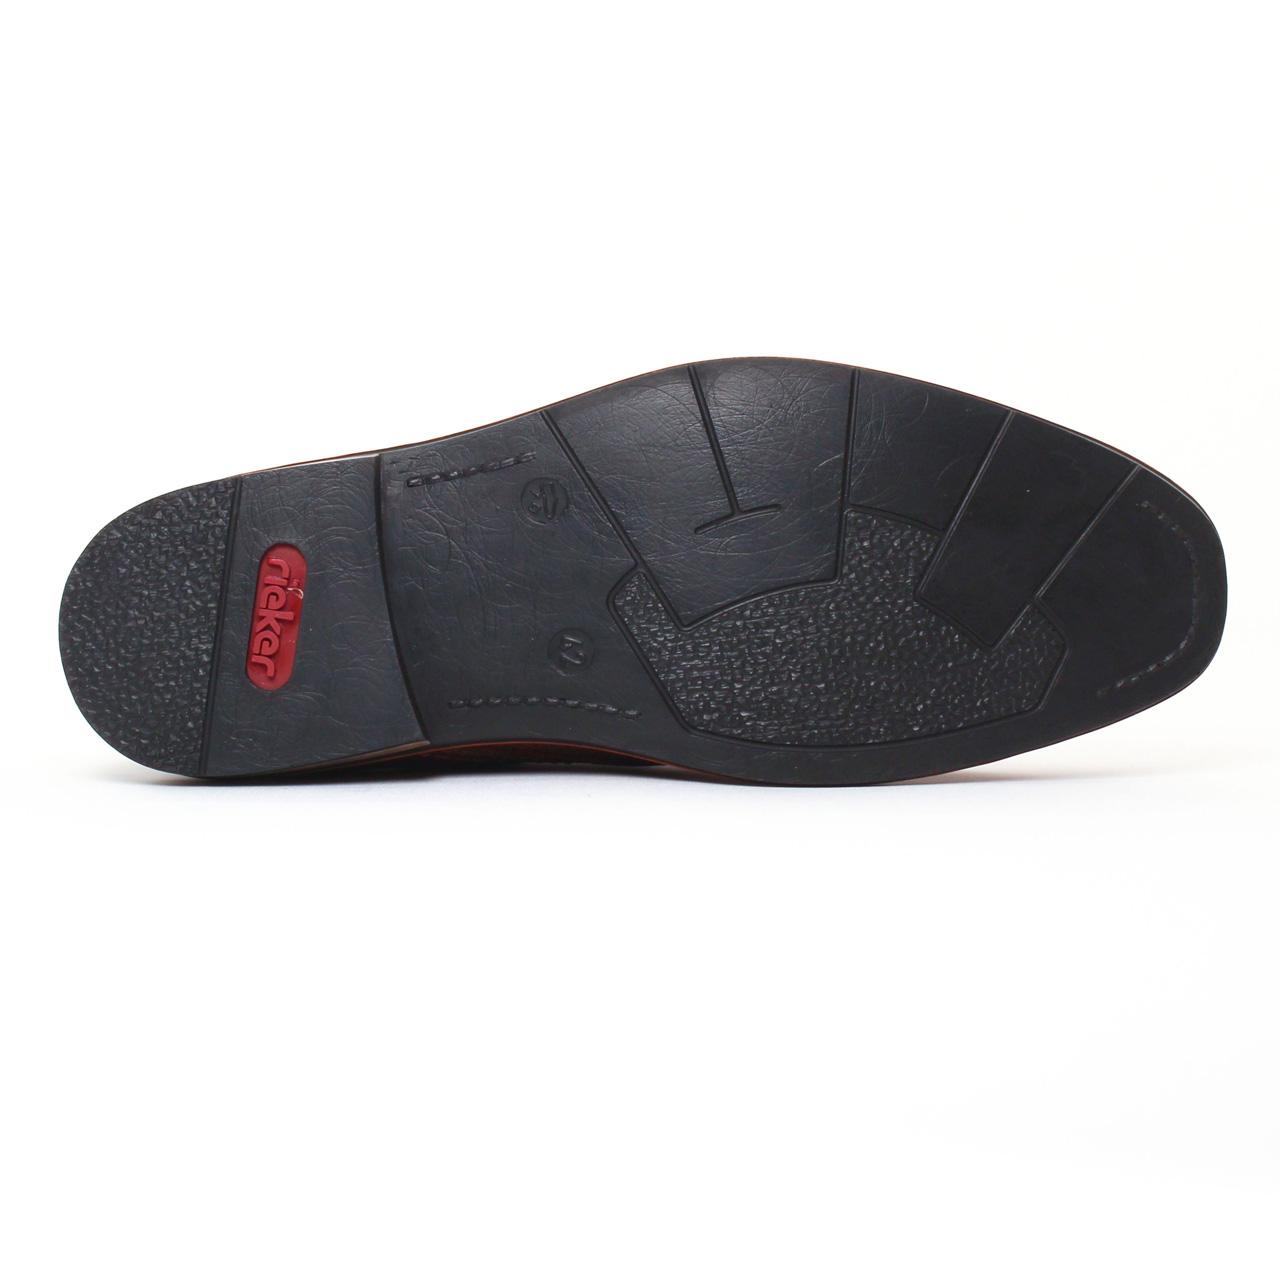 Rieker B1724 Sattel | chaussure montantes marron printemps